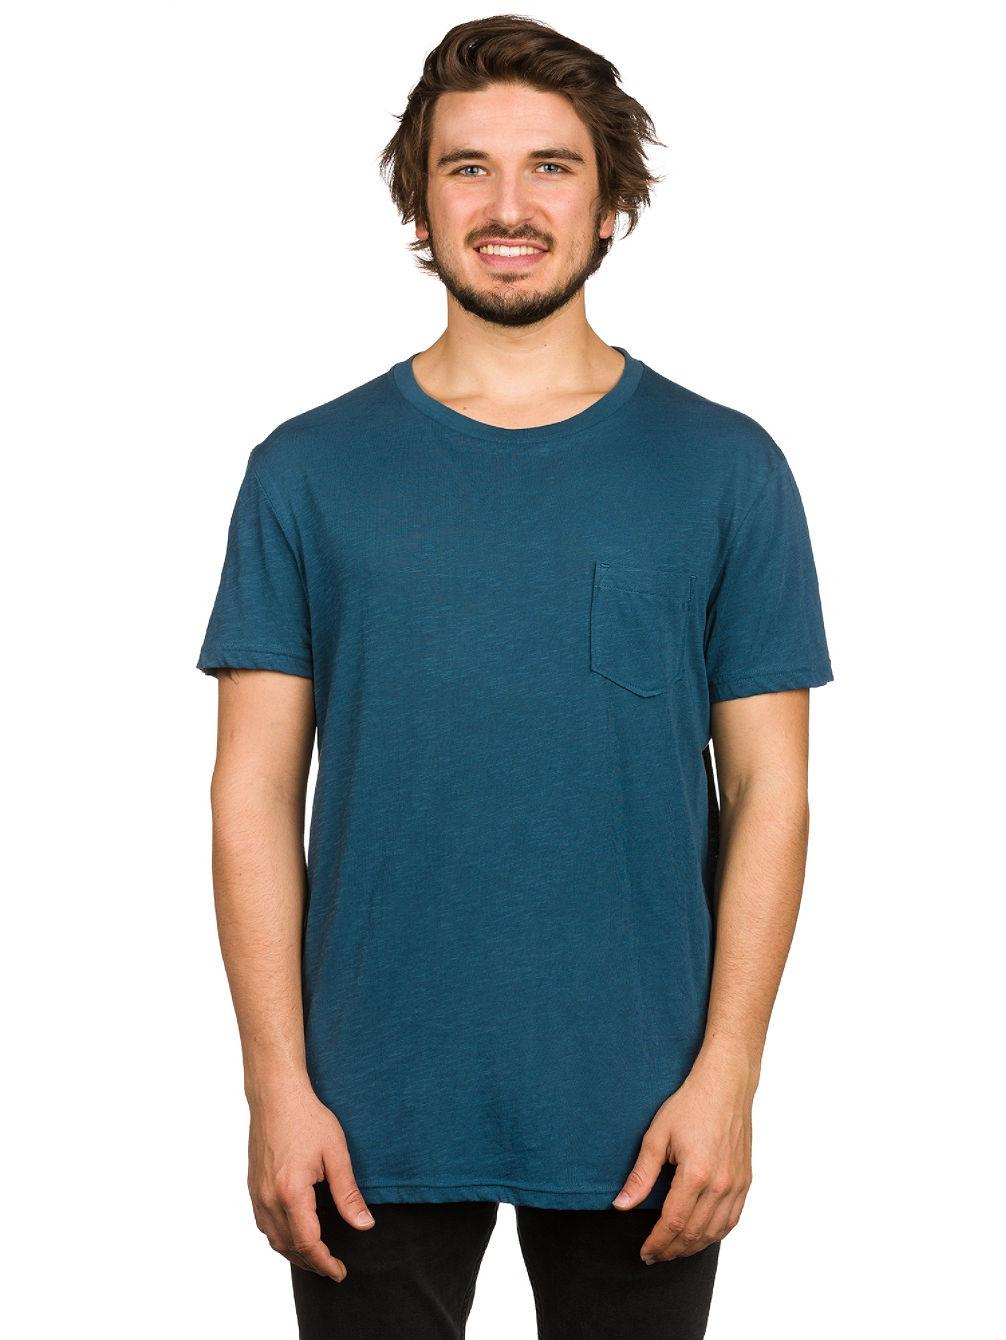 quiksilver-slubstitution-t-shirt